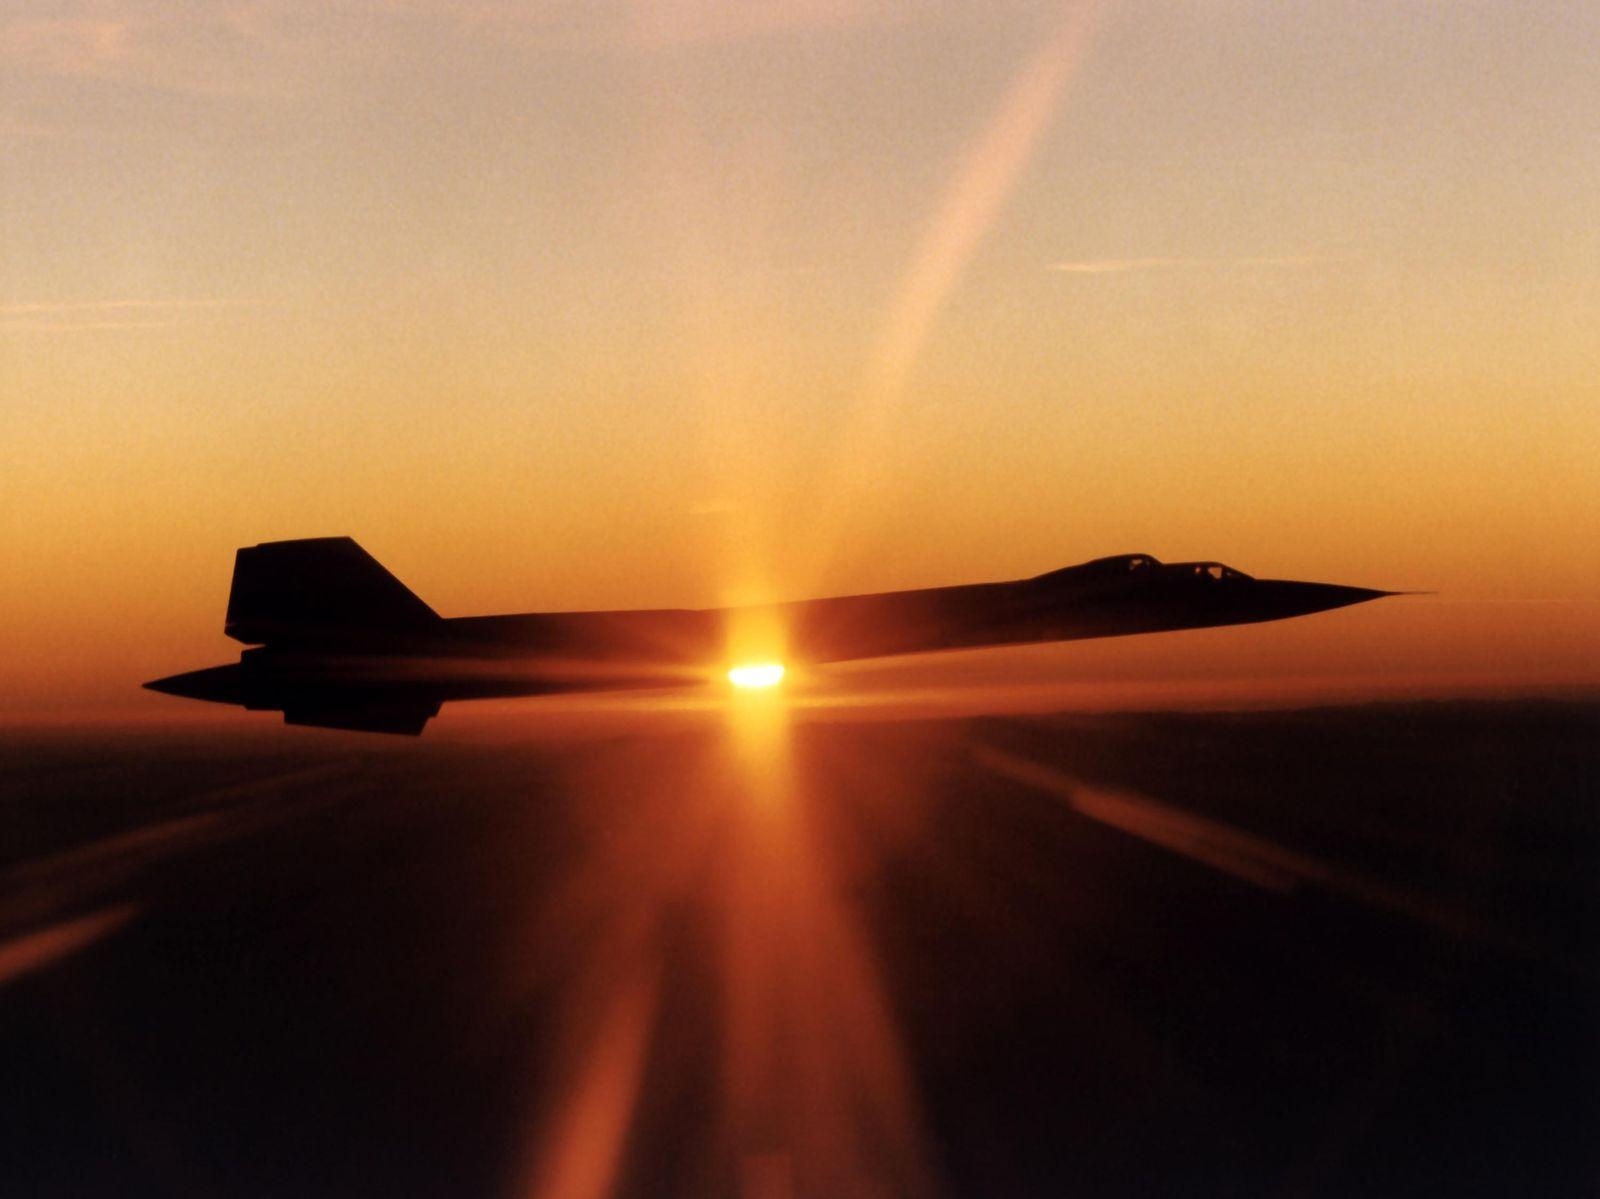 Supersonic Showdown: Russia's MiG-31 vs. America's SR-71 Spy Plane